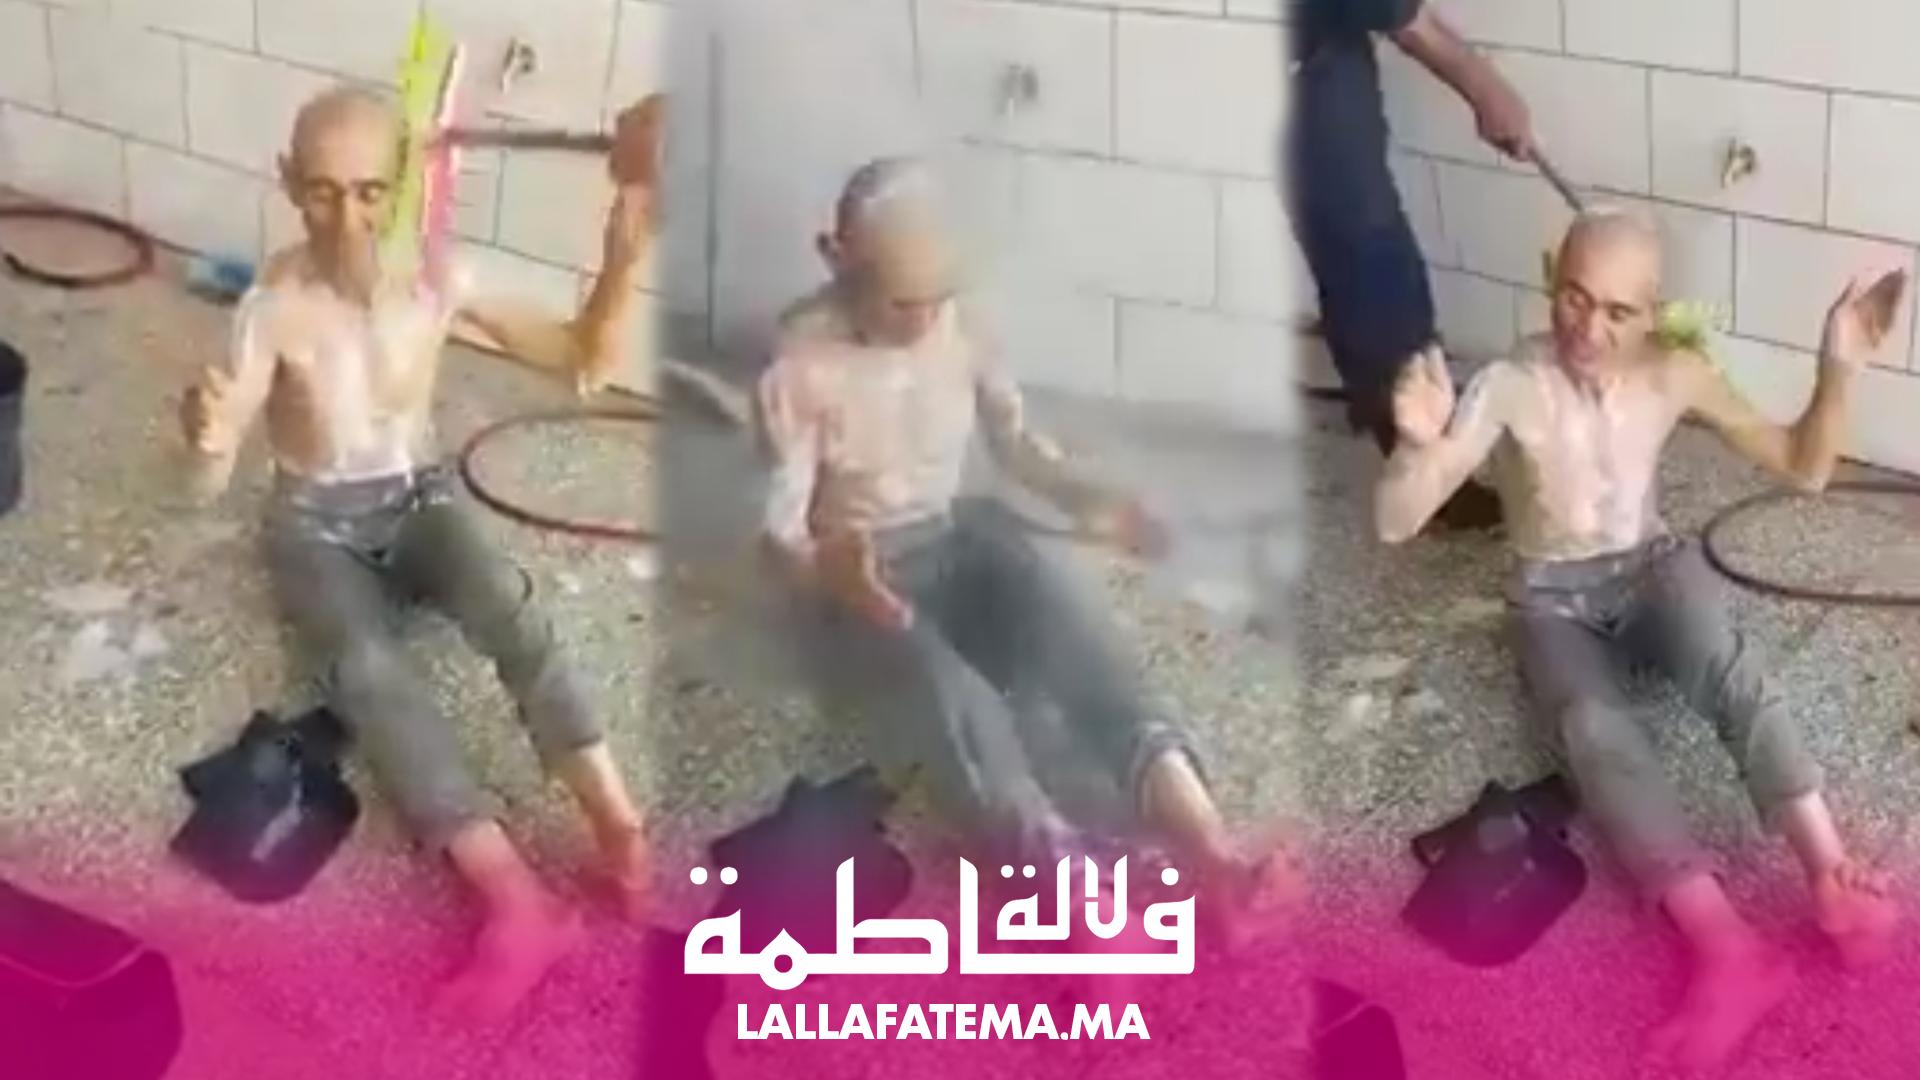 بالفيديو..استحمام متشرد بالمكنسة داخل محل لغسل السيارات يغضب المغاربة